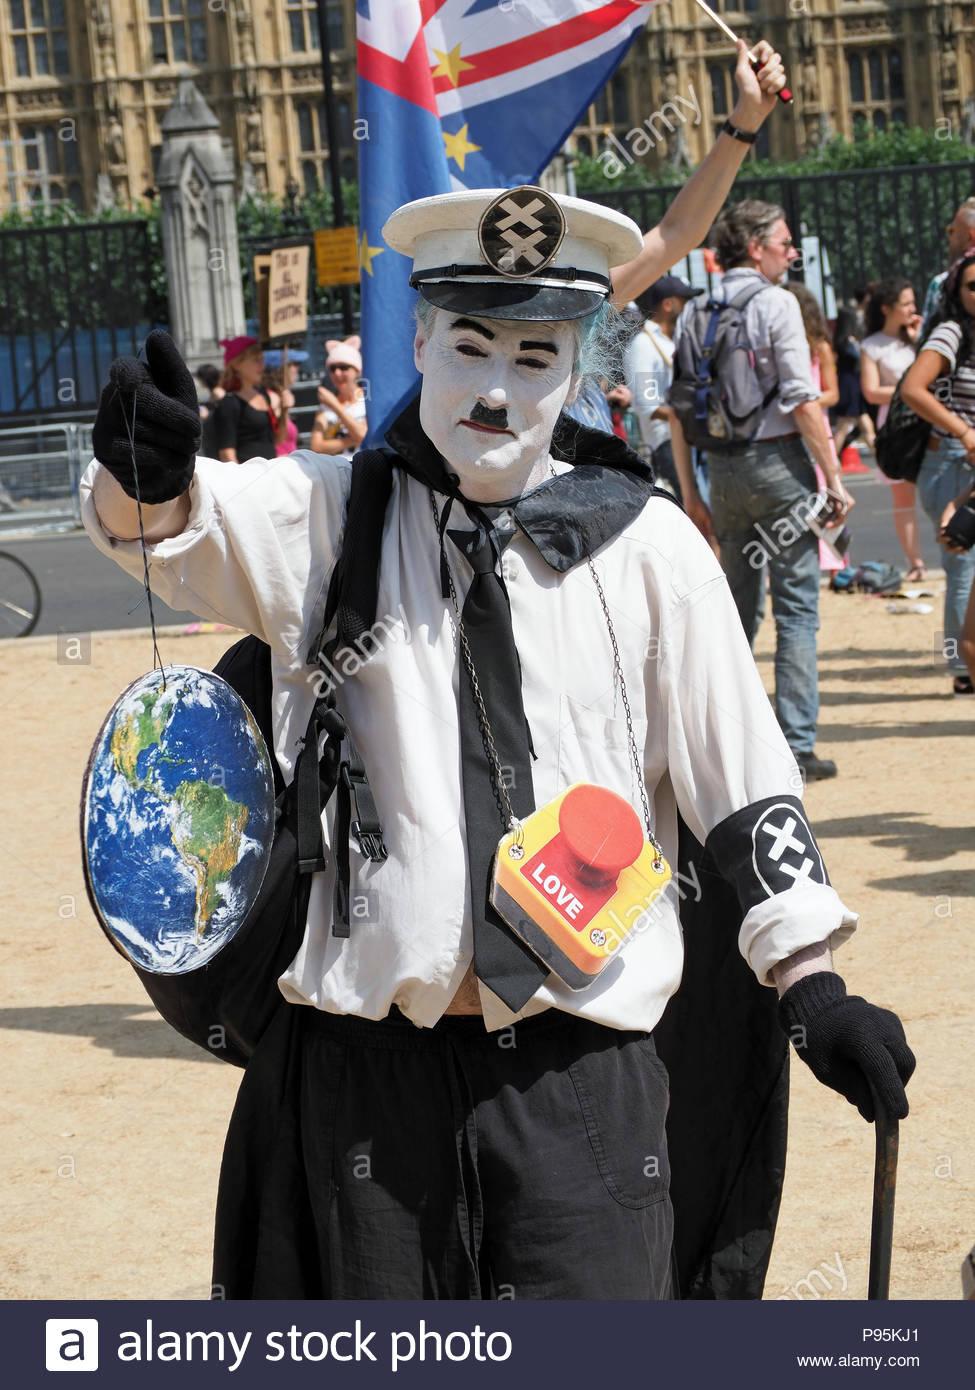 Blick auf eine demonstrantin als Der Große Diktator adenoiden Hynkel am anti Trump März in London am 13. Juli 2018 gekleidet Stockfoto